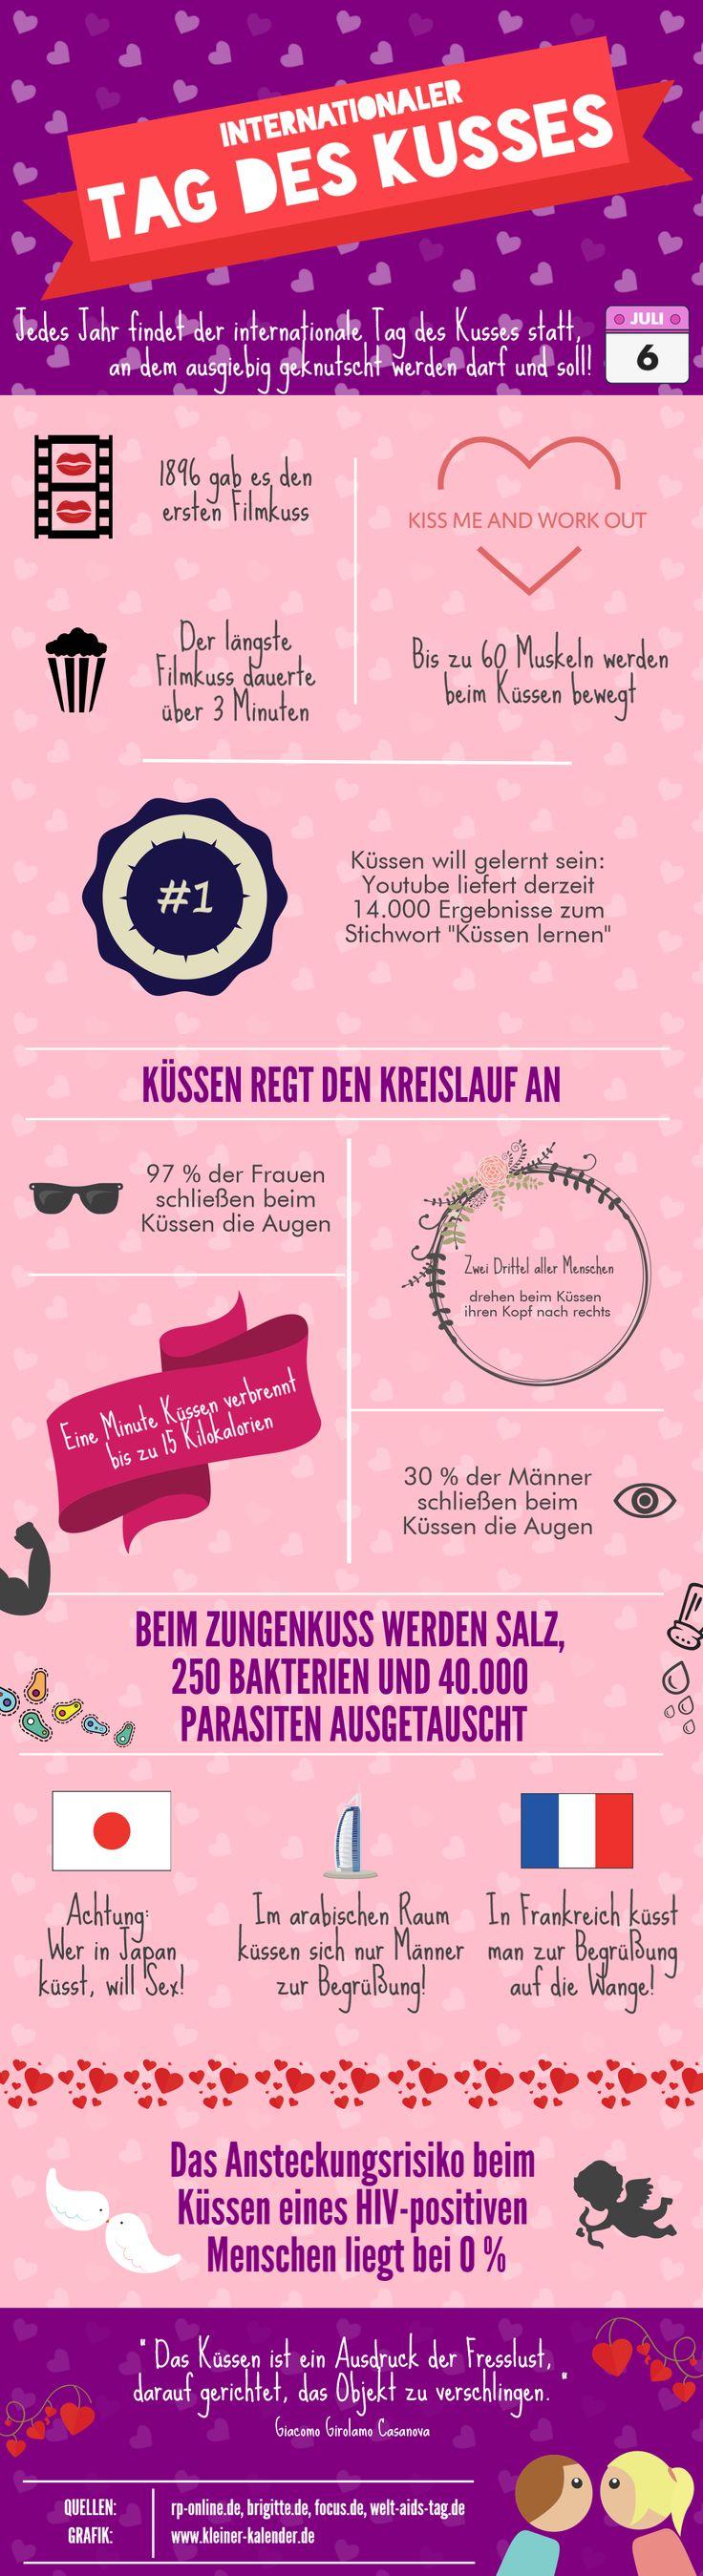 Infografik zum Internationalen Tag des Kusses 2015 am 6. Juli. Diese kann unter Angabe der Quelle (www.kleiner-kalender.de) kostenfrei genutzt werden. #küssen #kuss #internationalertagdeskusses #tagdeskusses